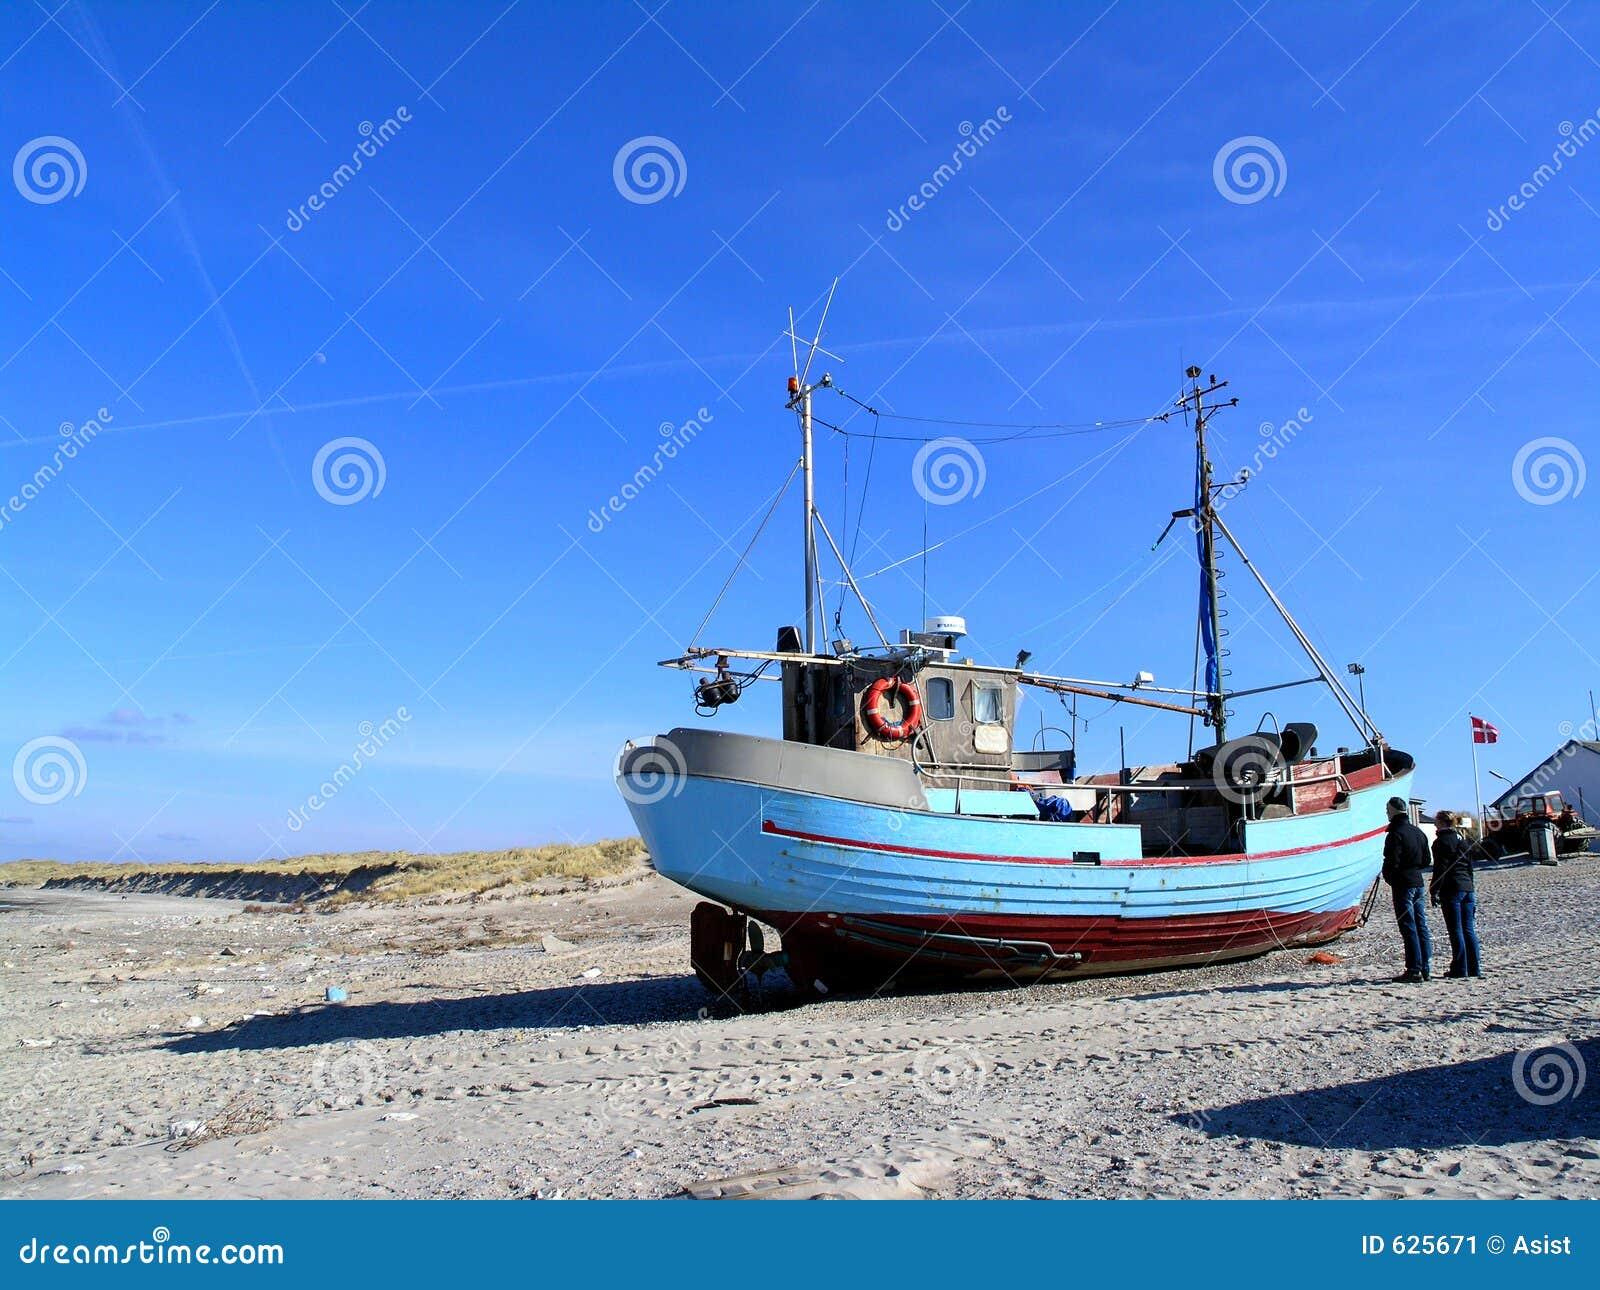 Download Westcoast рыболовства стоковое изображение. изображение насчитывающей традиционно - 625671